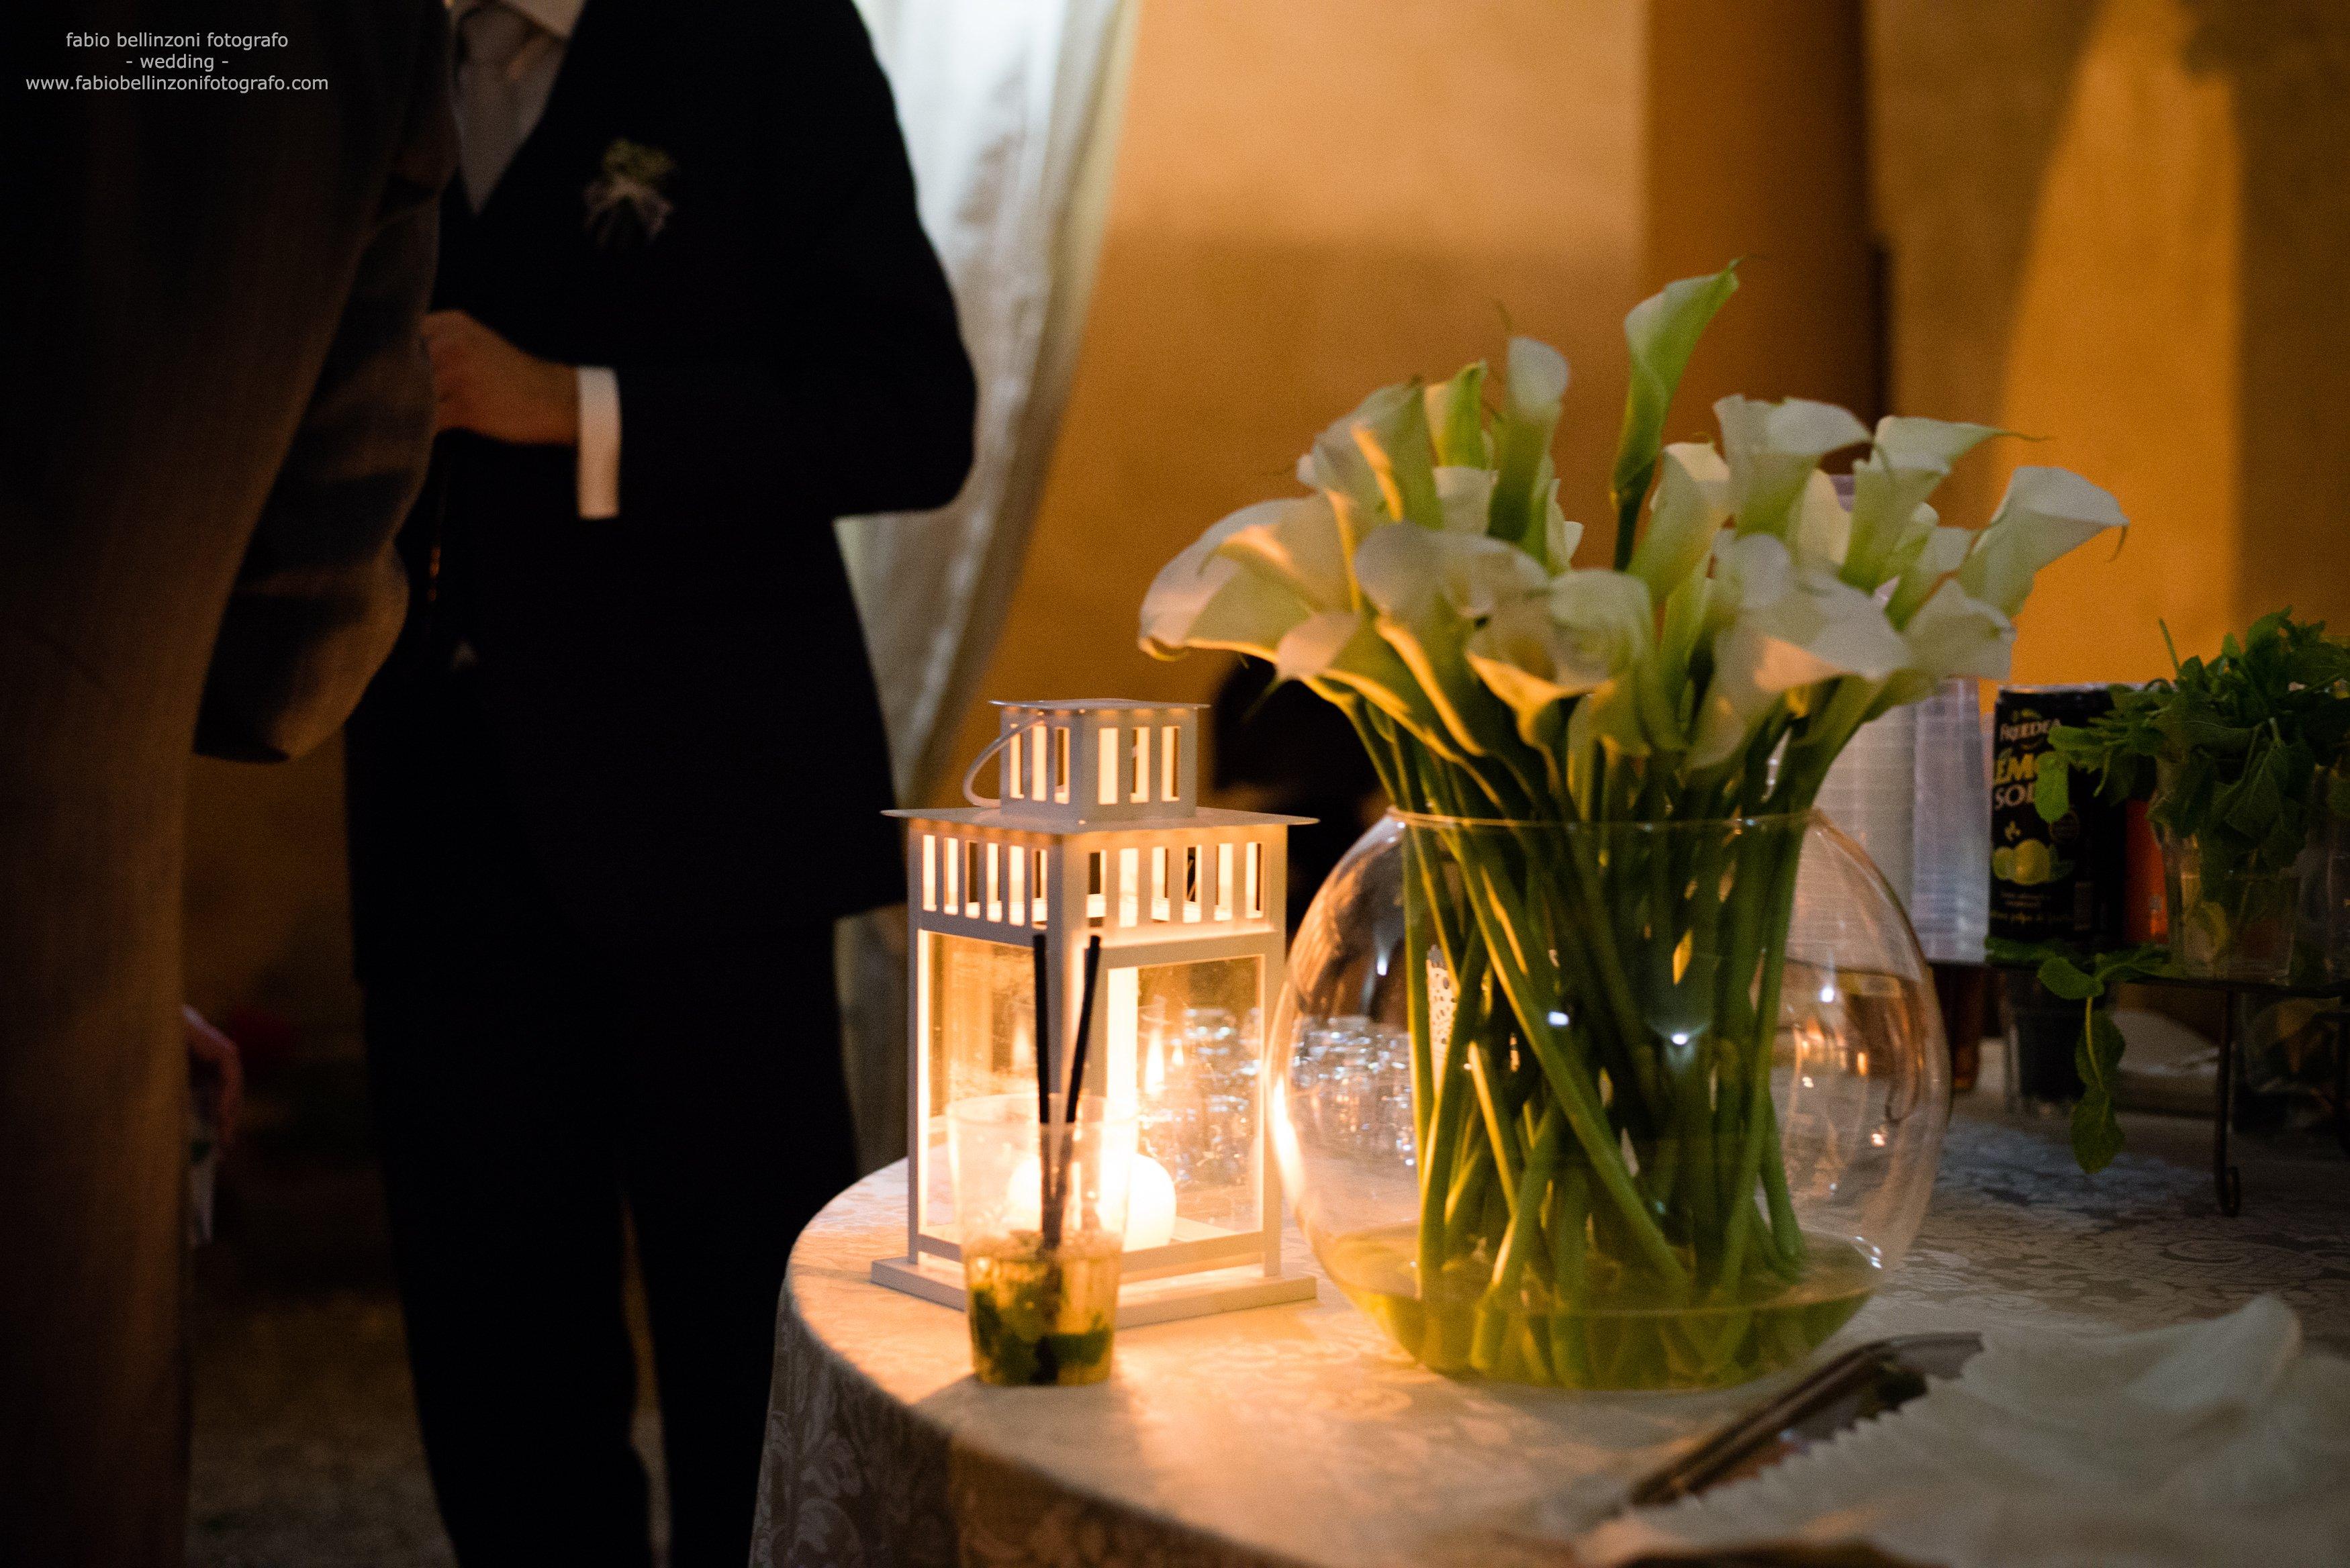 tavolo con vaso di piante e candelabro